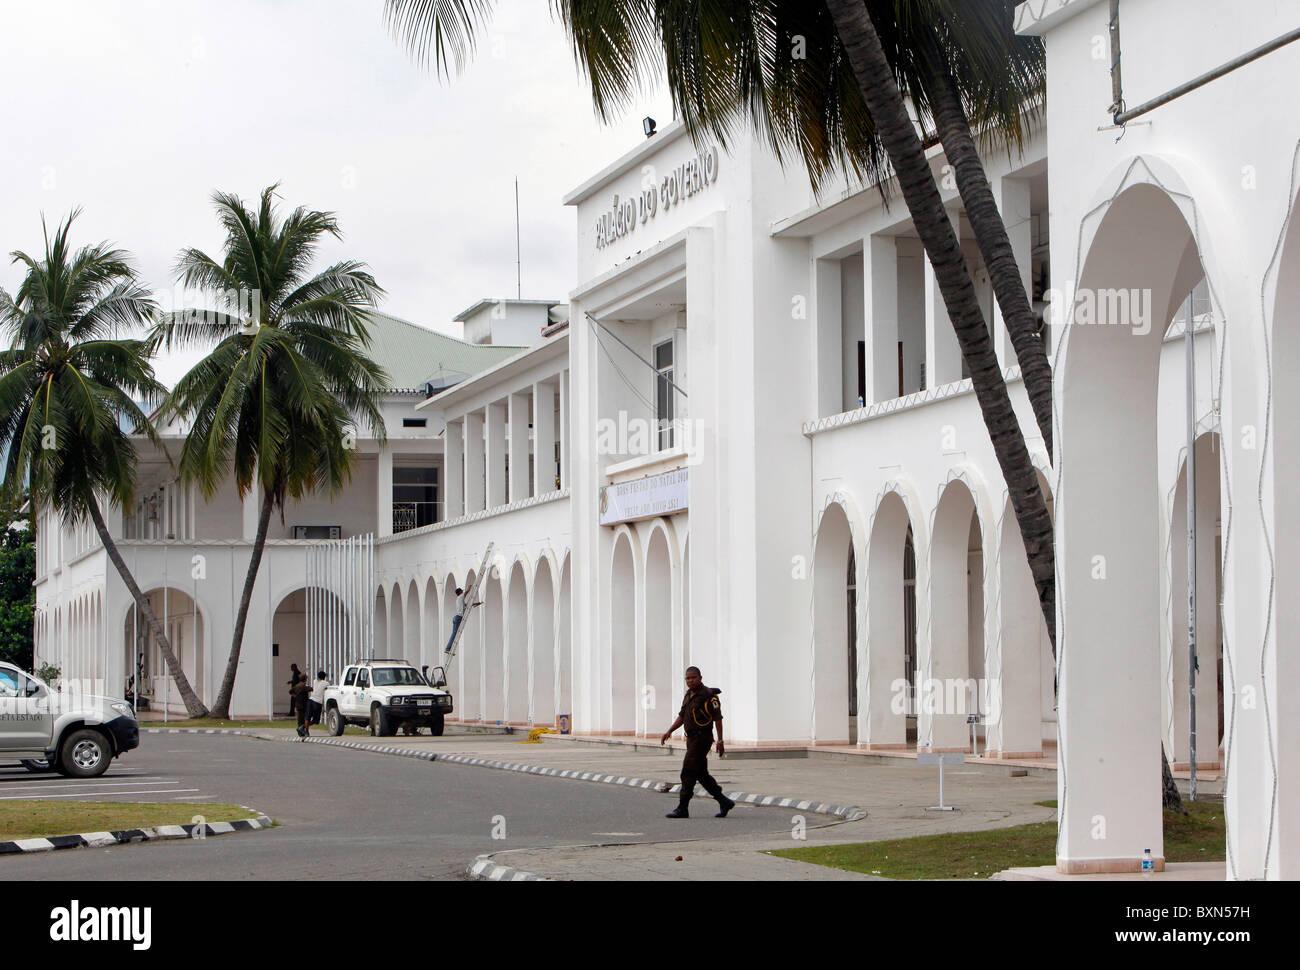 Le Palacio do Governo (Palais du Gouvernement) à Dili, capitale du Timor Leste (Timor oriental) Banque D'Images